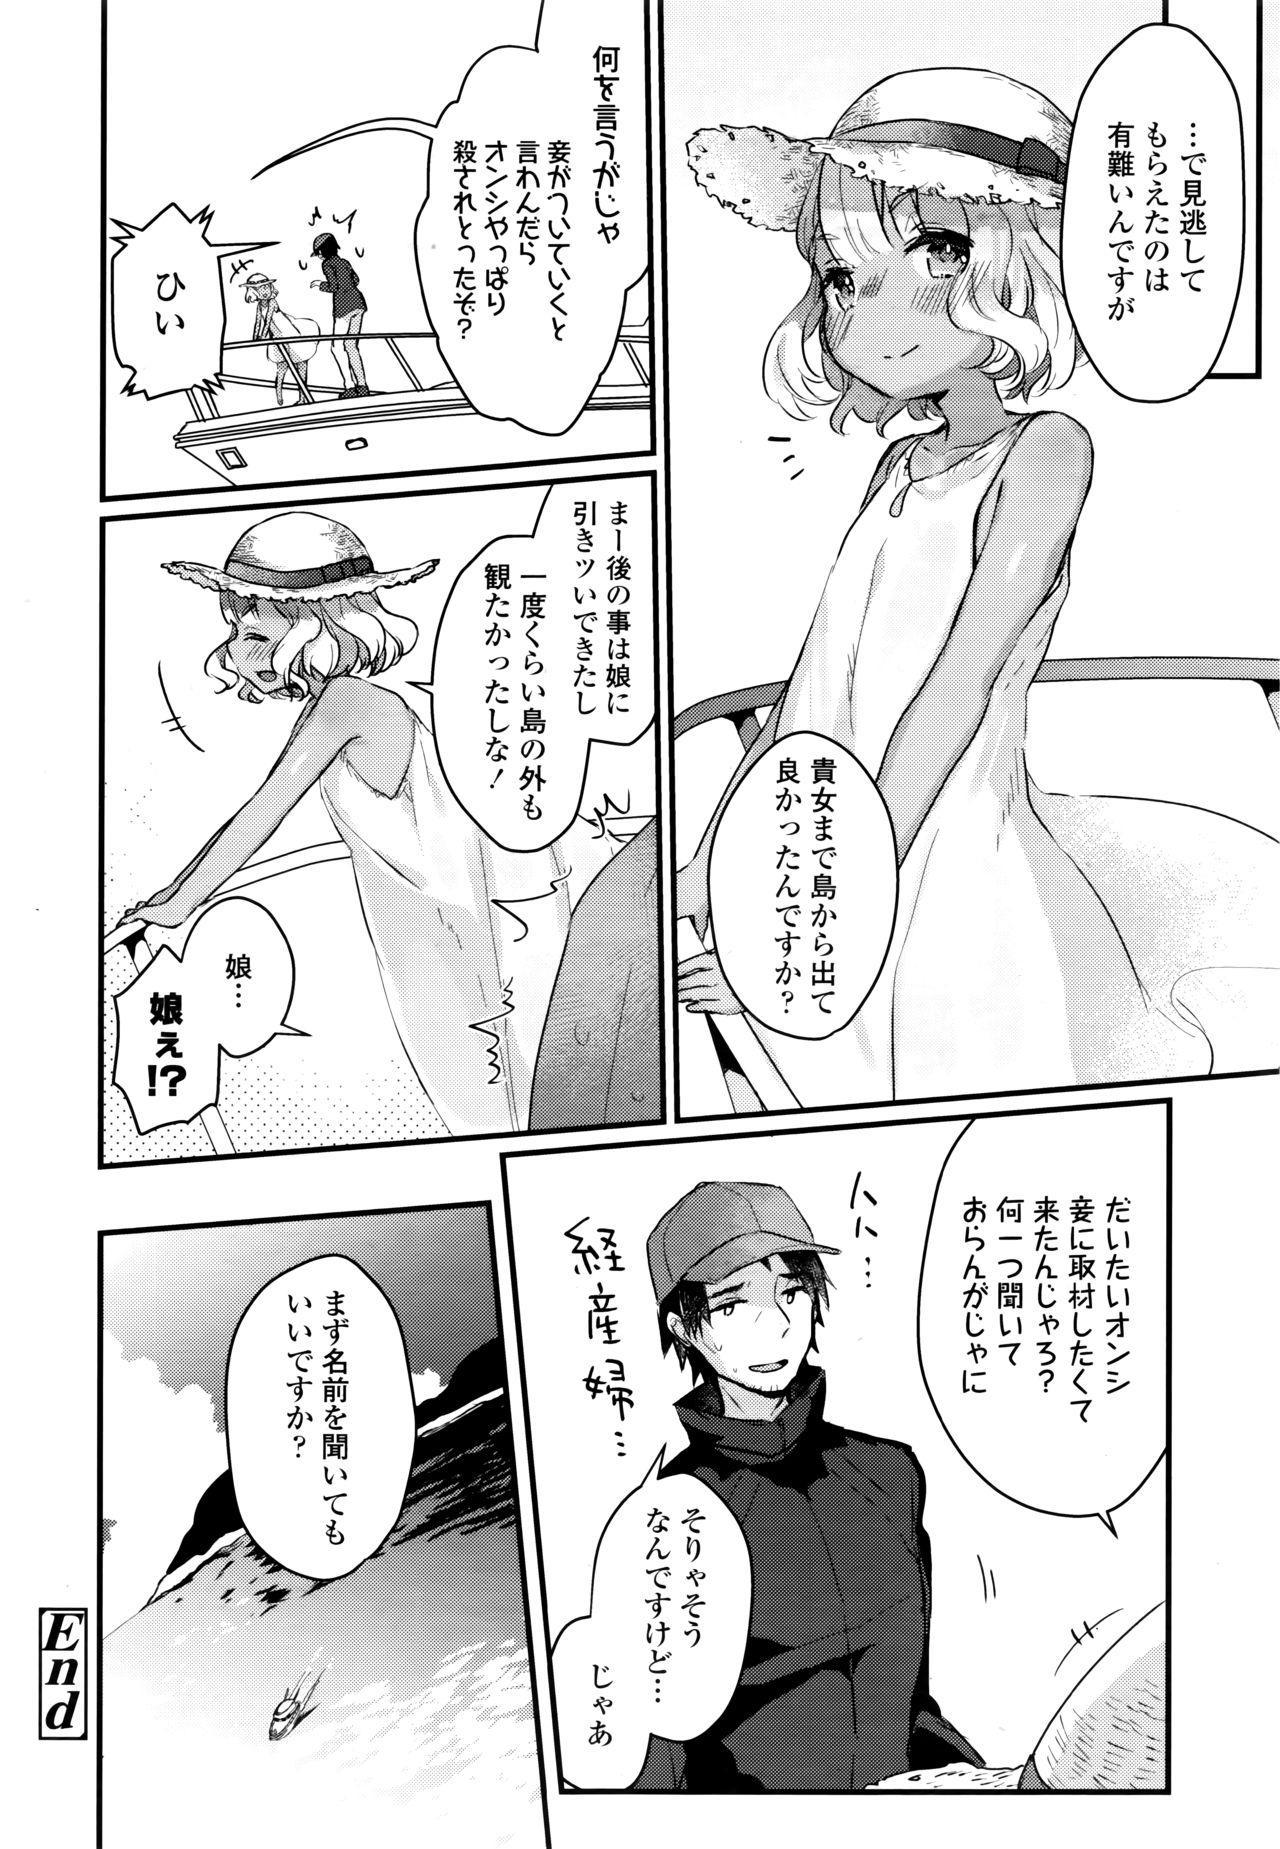 Towako 6 91